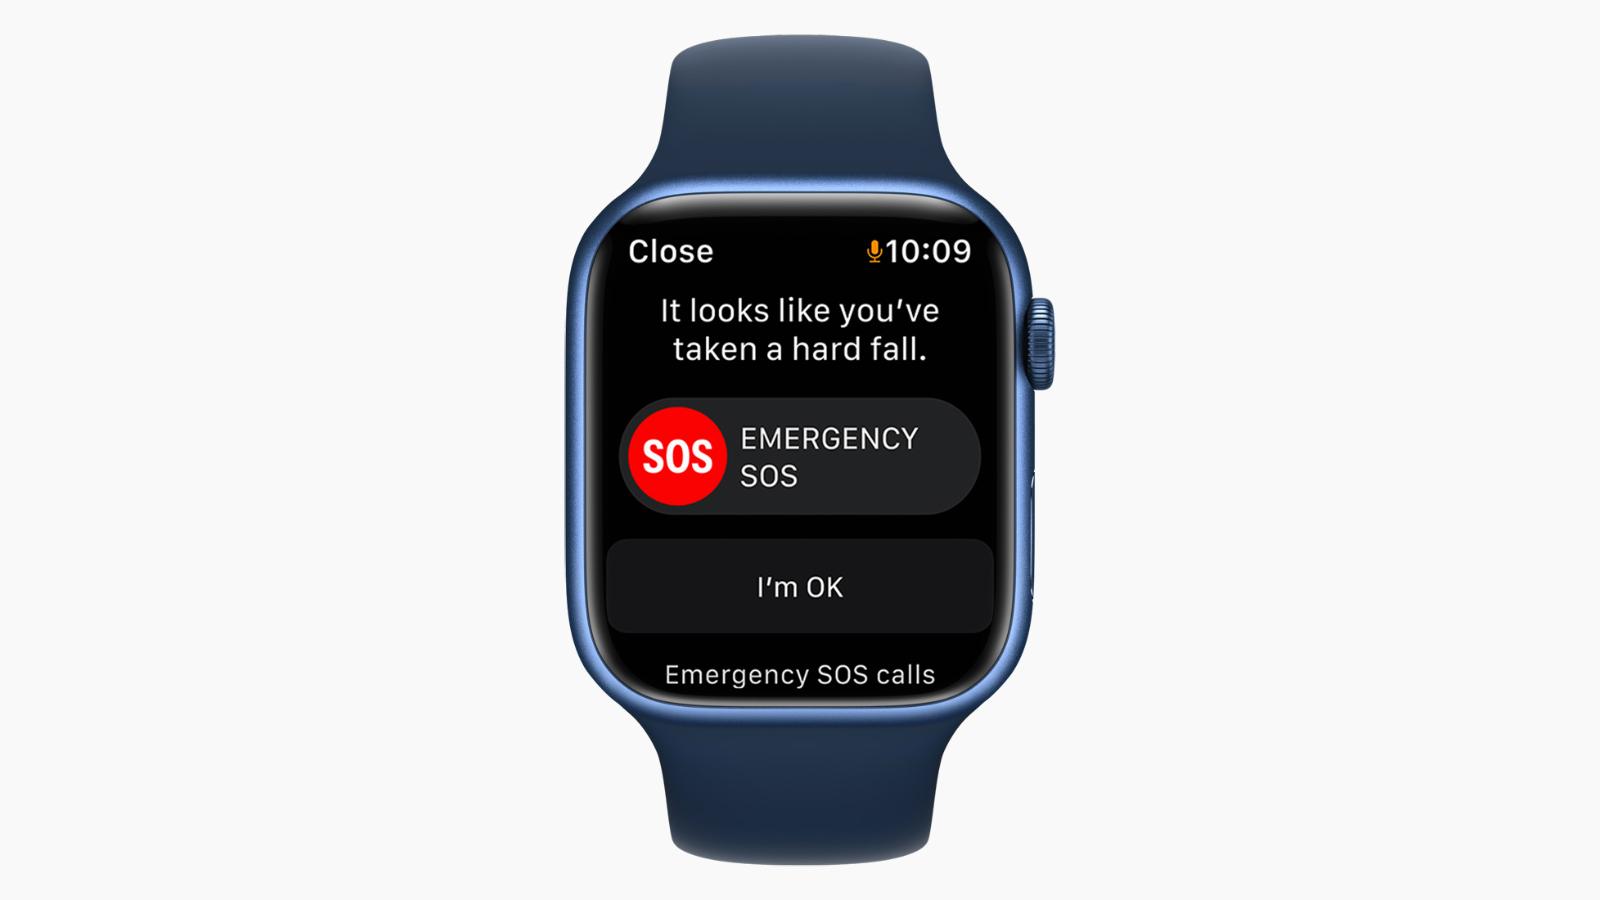 apple watch series 7 emergency sos